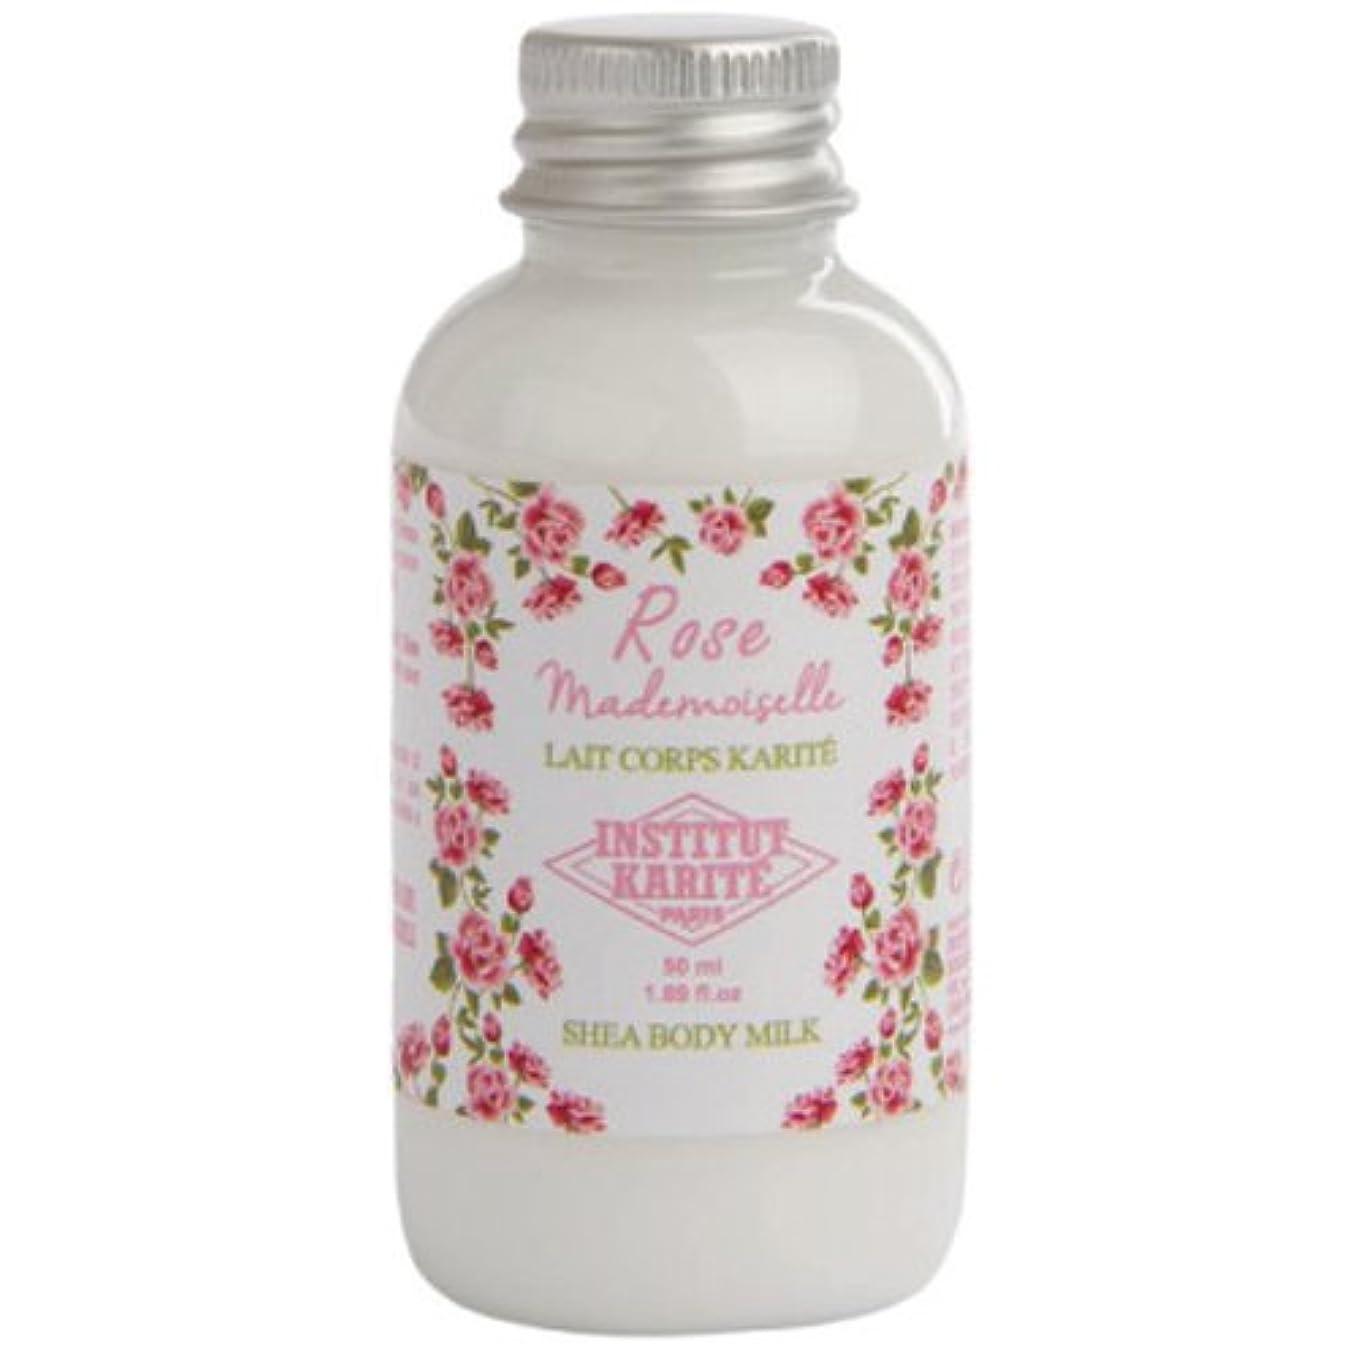 ハブブアボートランドマークINSTITUT KARITE カリテ Rose Mademoiselle クラシックローズ Travel Shea Body Milk 50ml